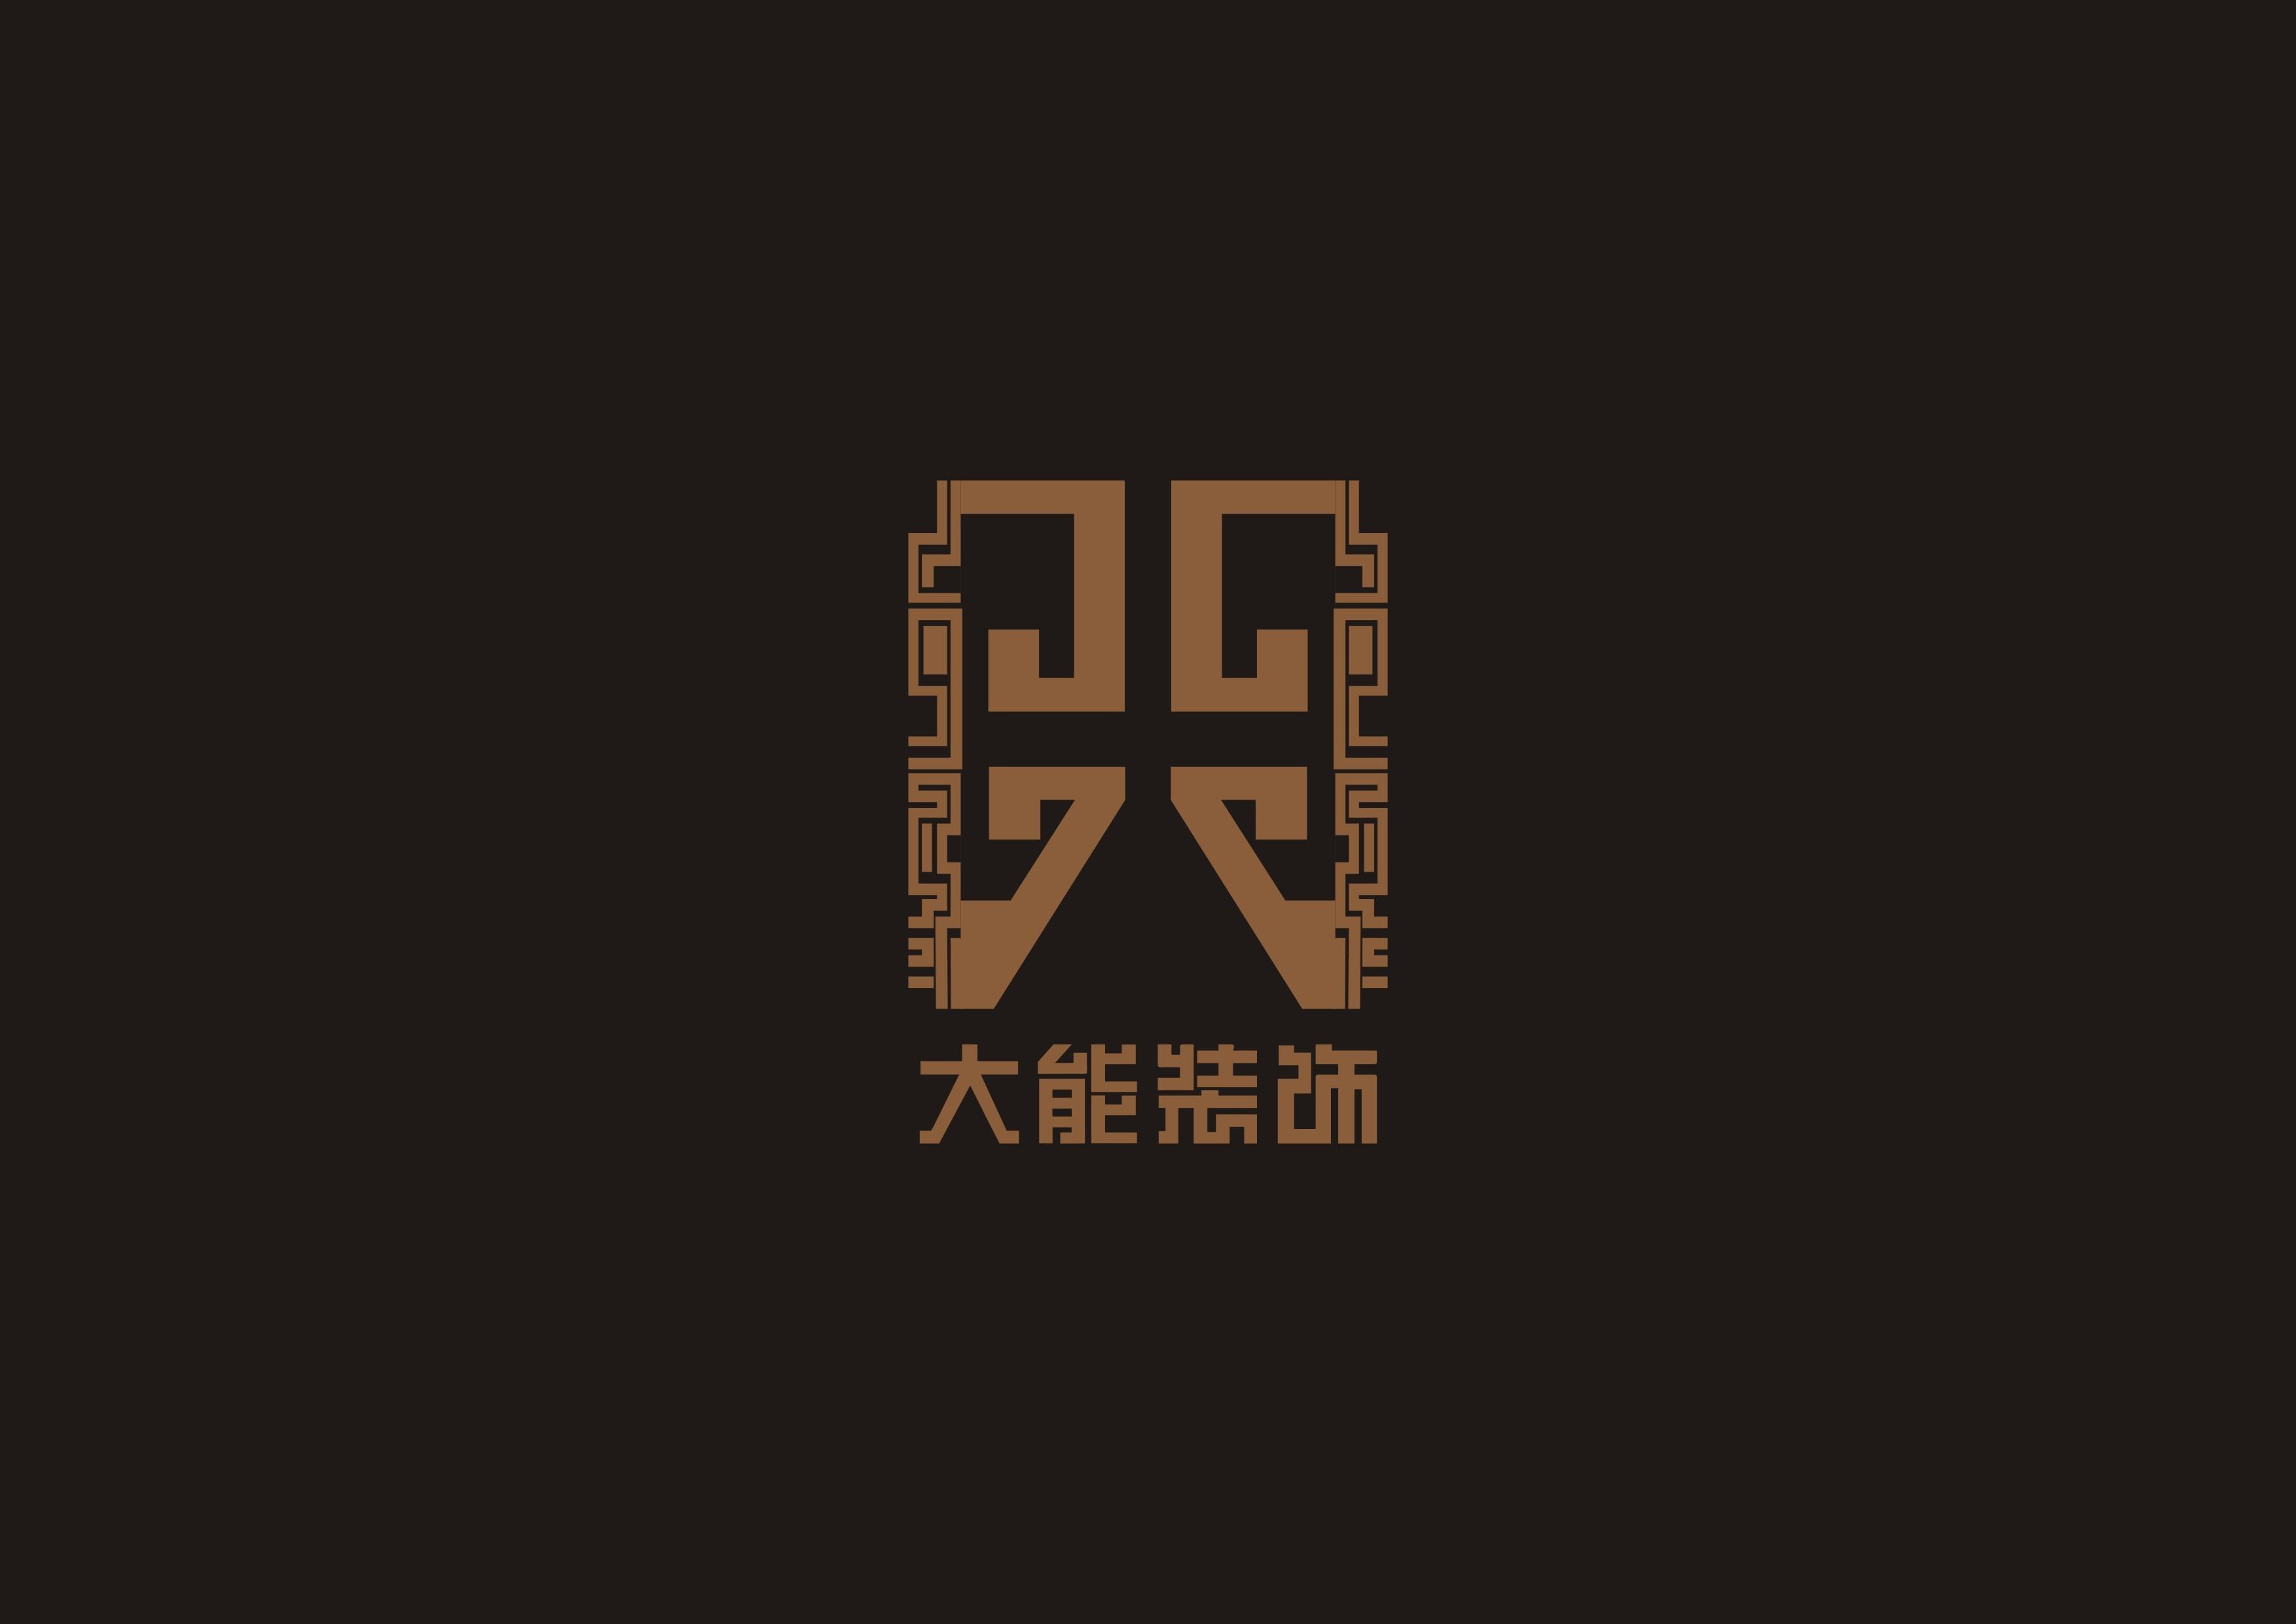 装饰公司的logo设计图片